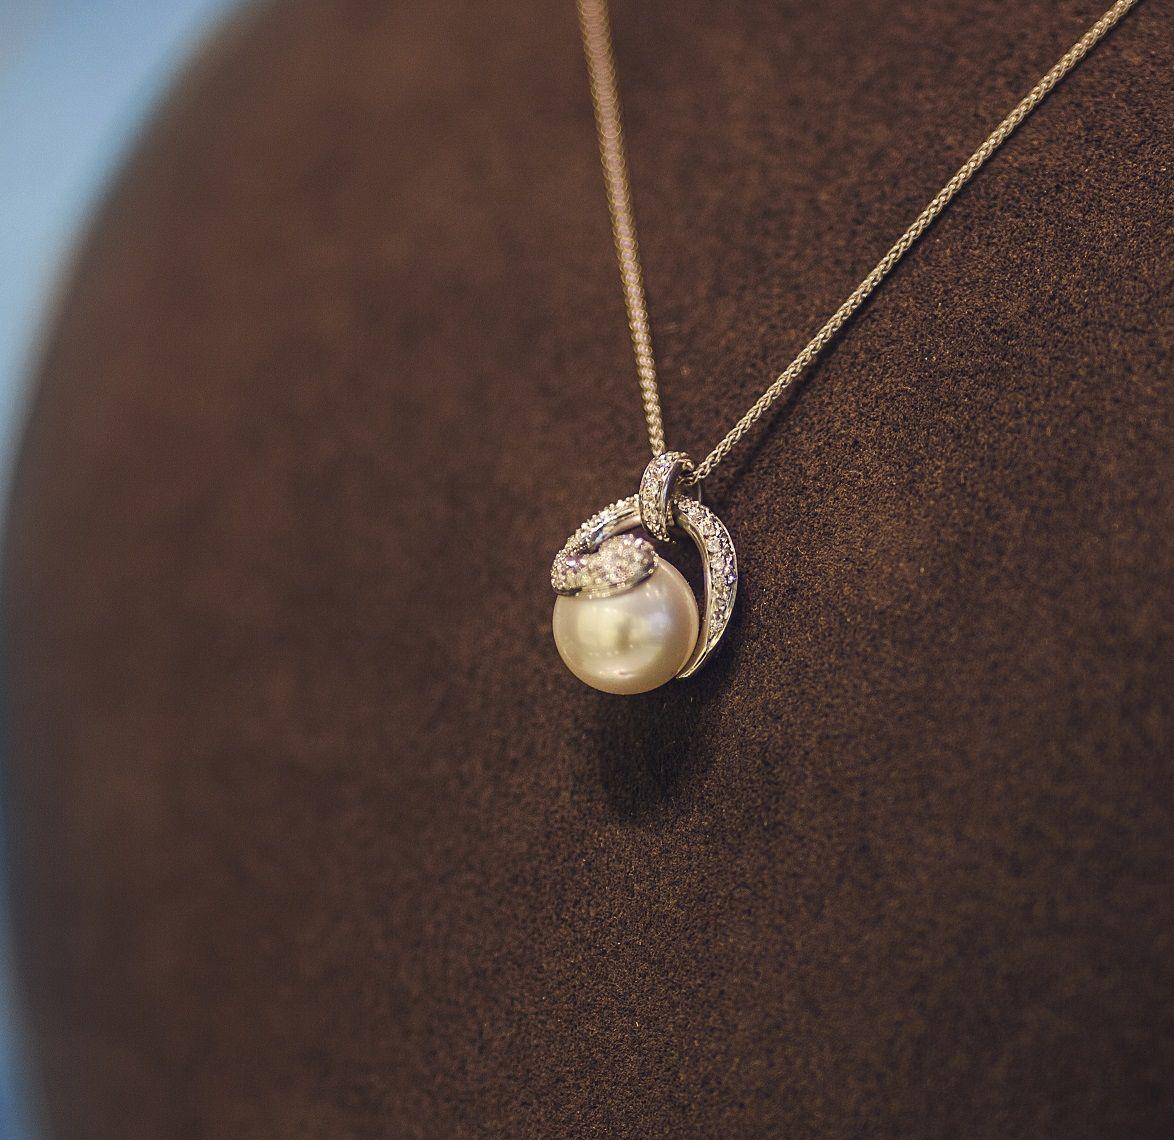 Kultasepänliike Suokko - Sormukset, korut, kellot. #rakastampere #kultaseppä #tampere #suokko #koru #sormus #kello